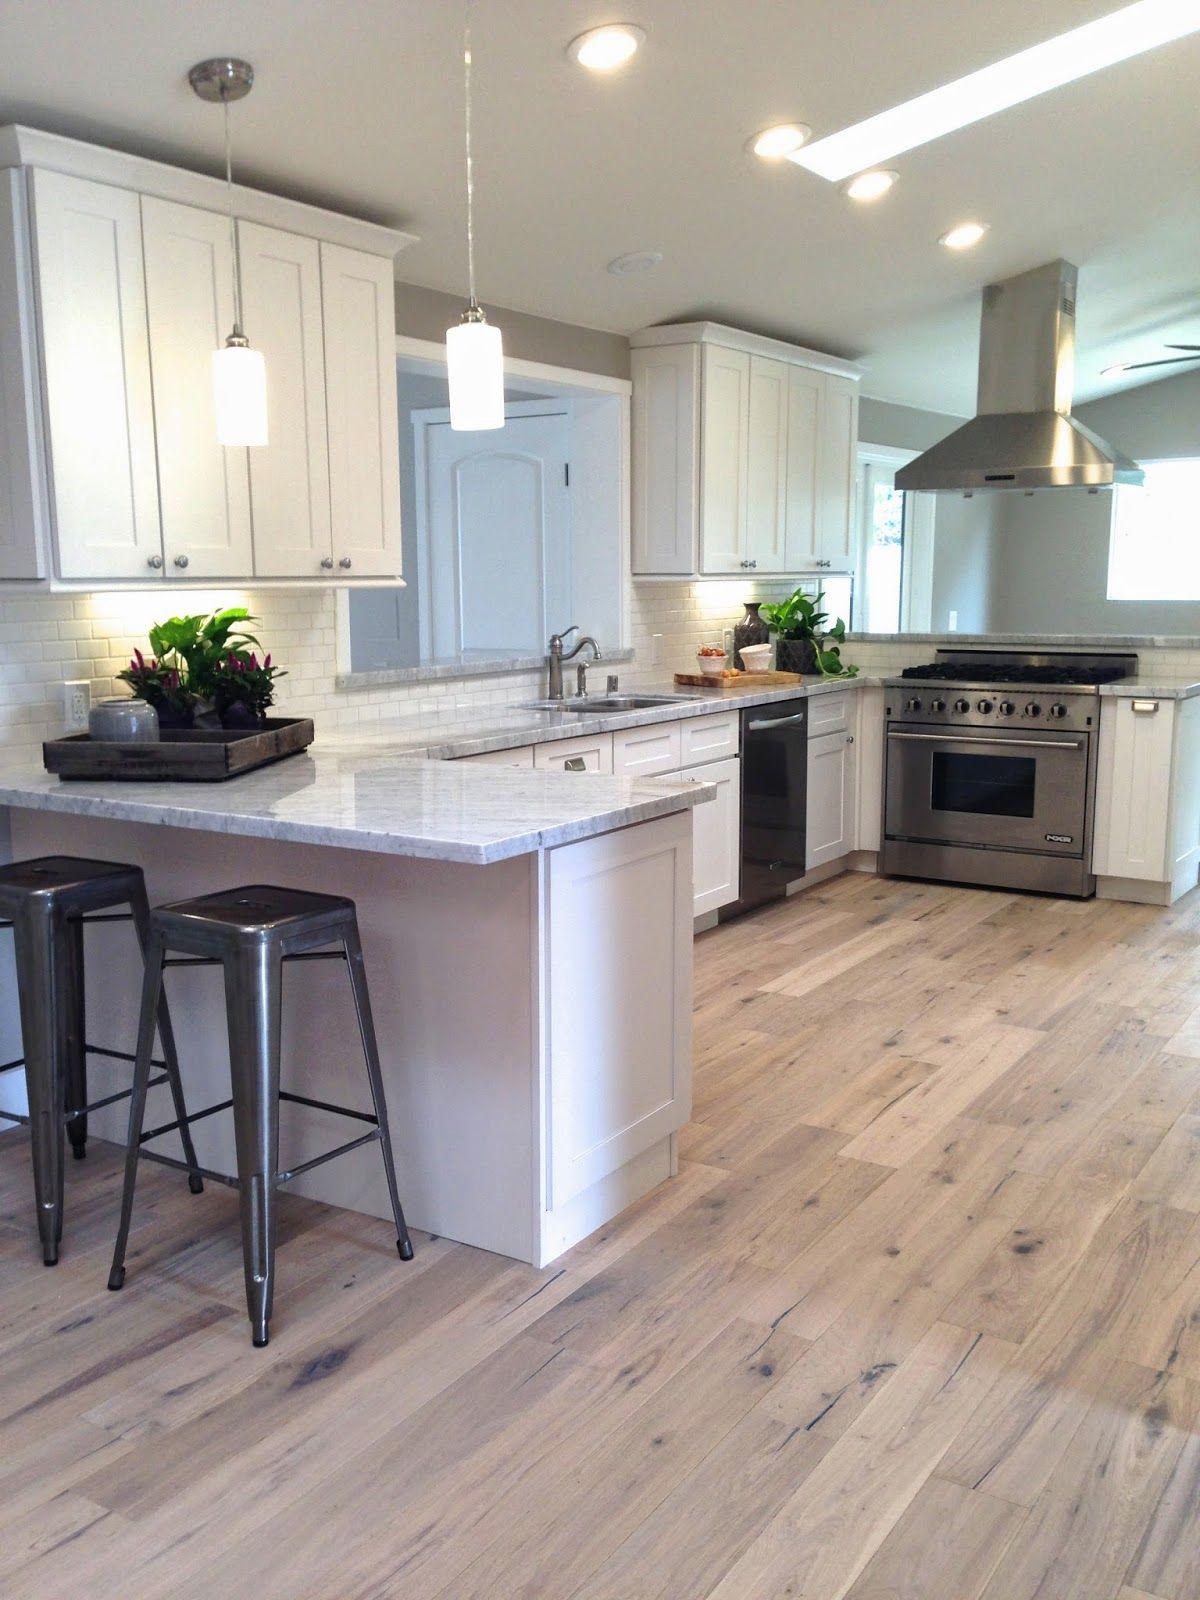 Wood Kitchen Floors Floor Tile Designs Best Of 2014 Rossmoor House Finished In 2019 Underfoot